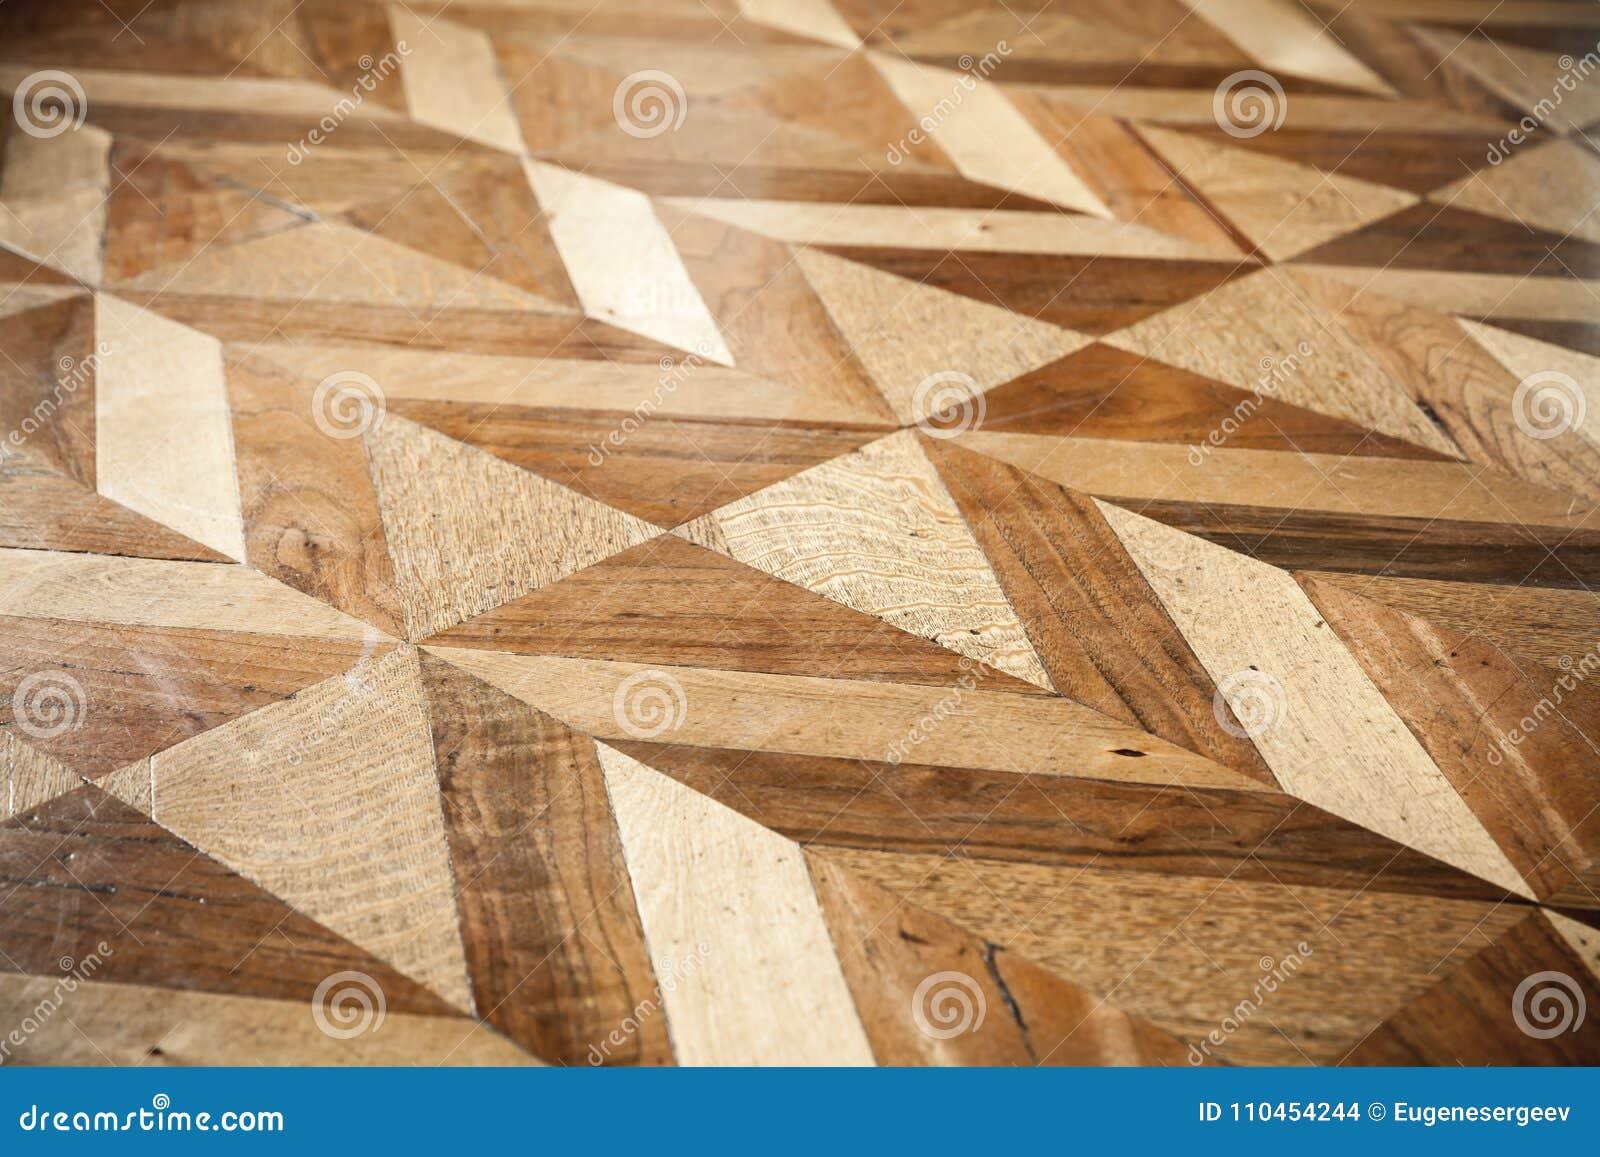 Klassisk träparkettdesign